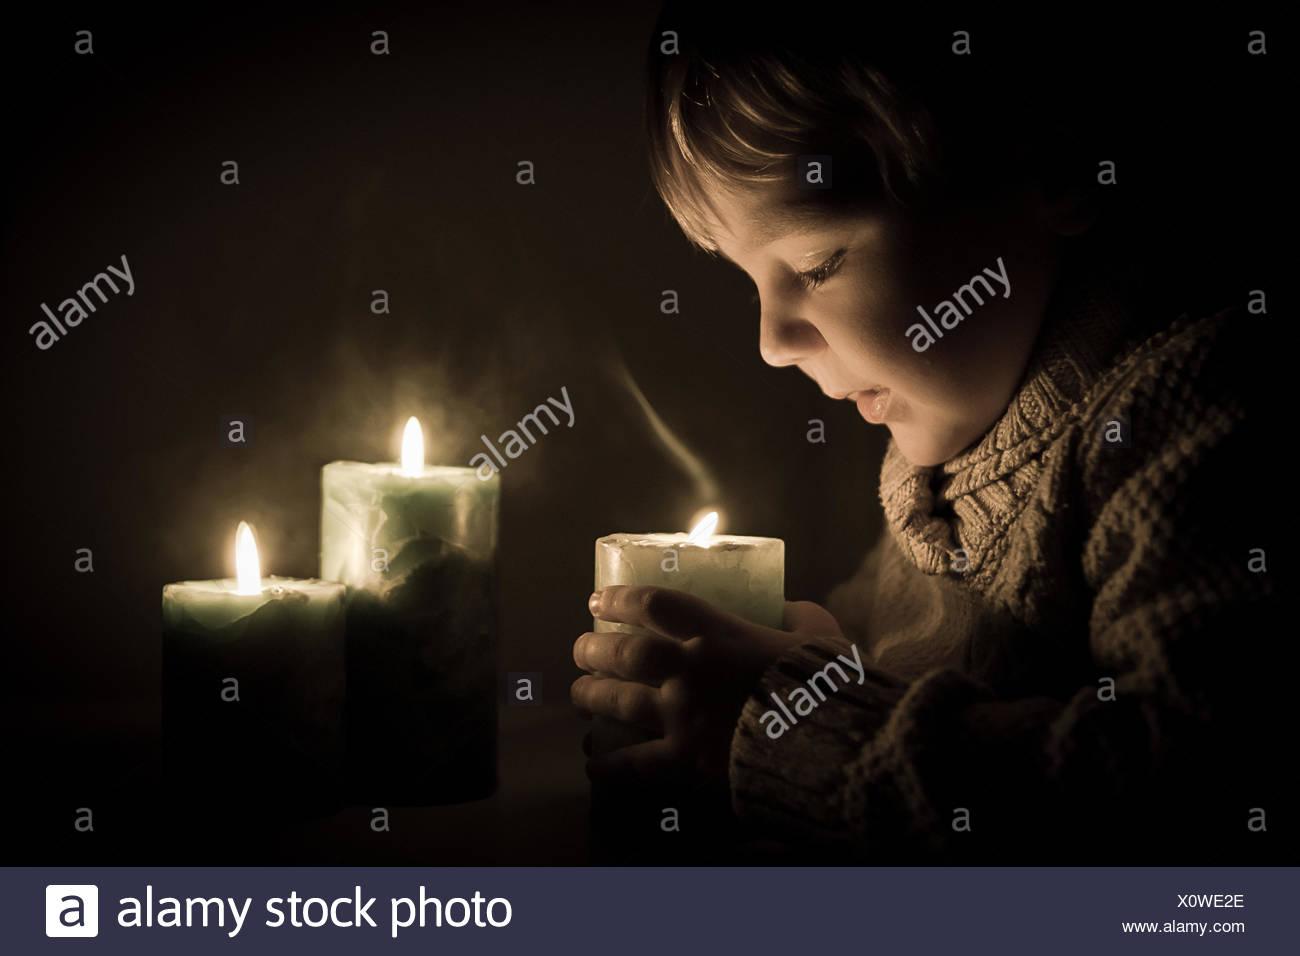 Boy holding candle - Stock Image